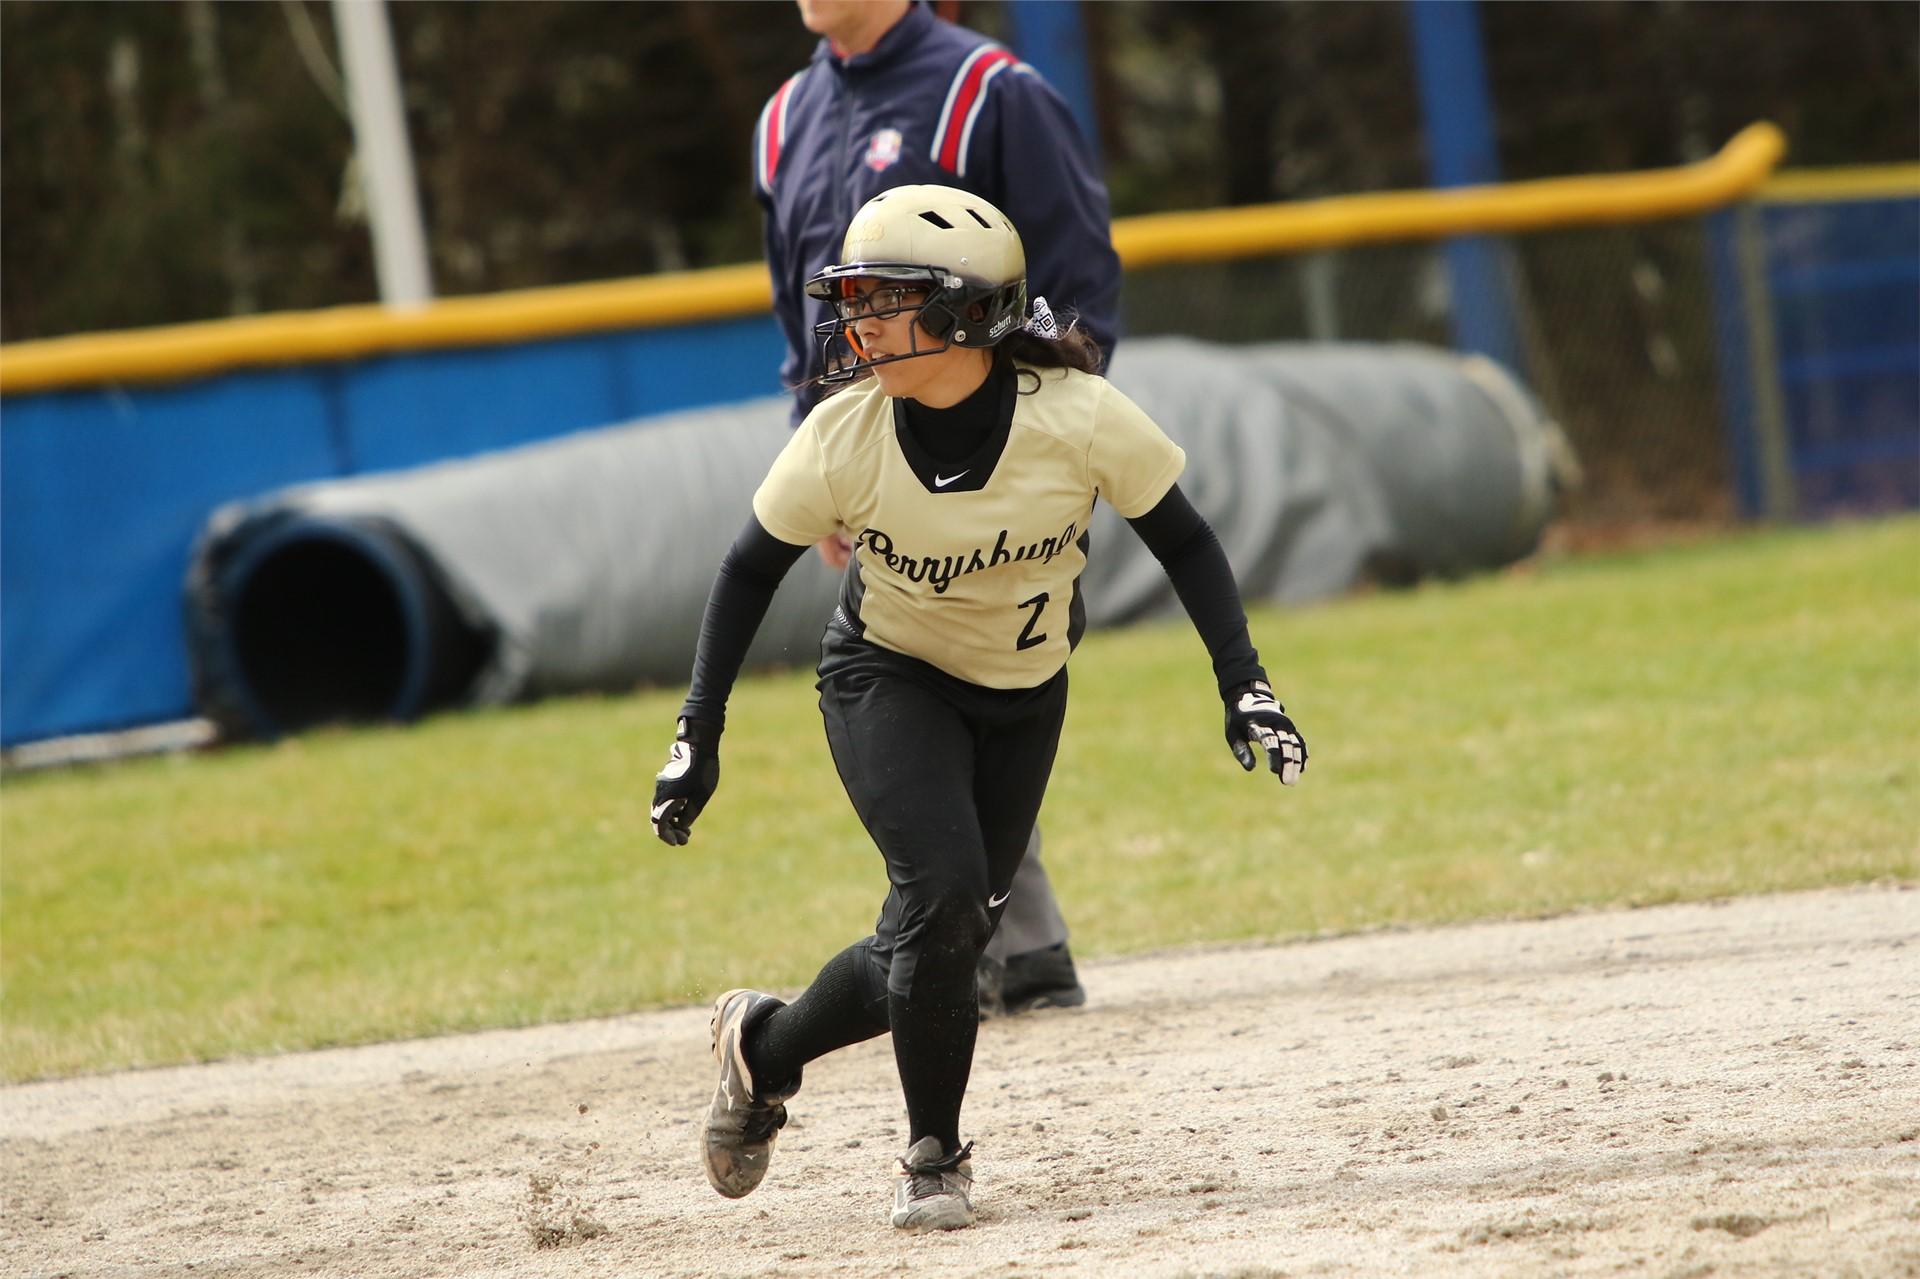 softball player base running